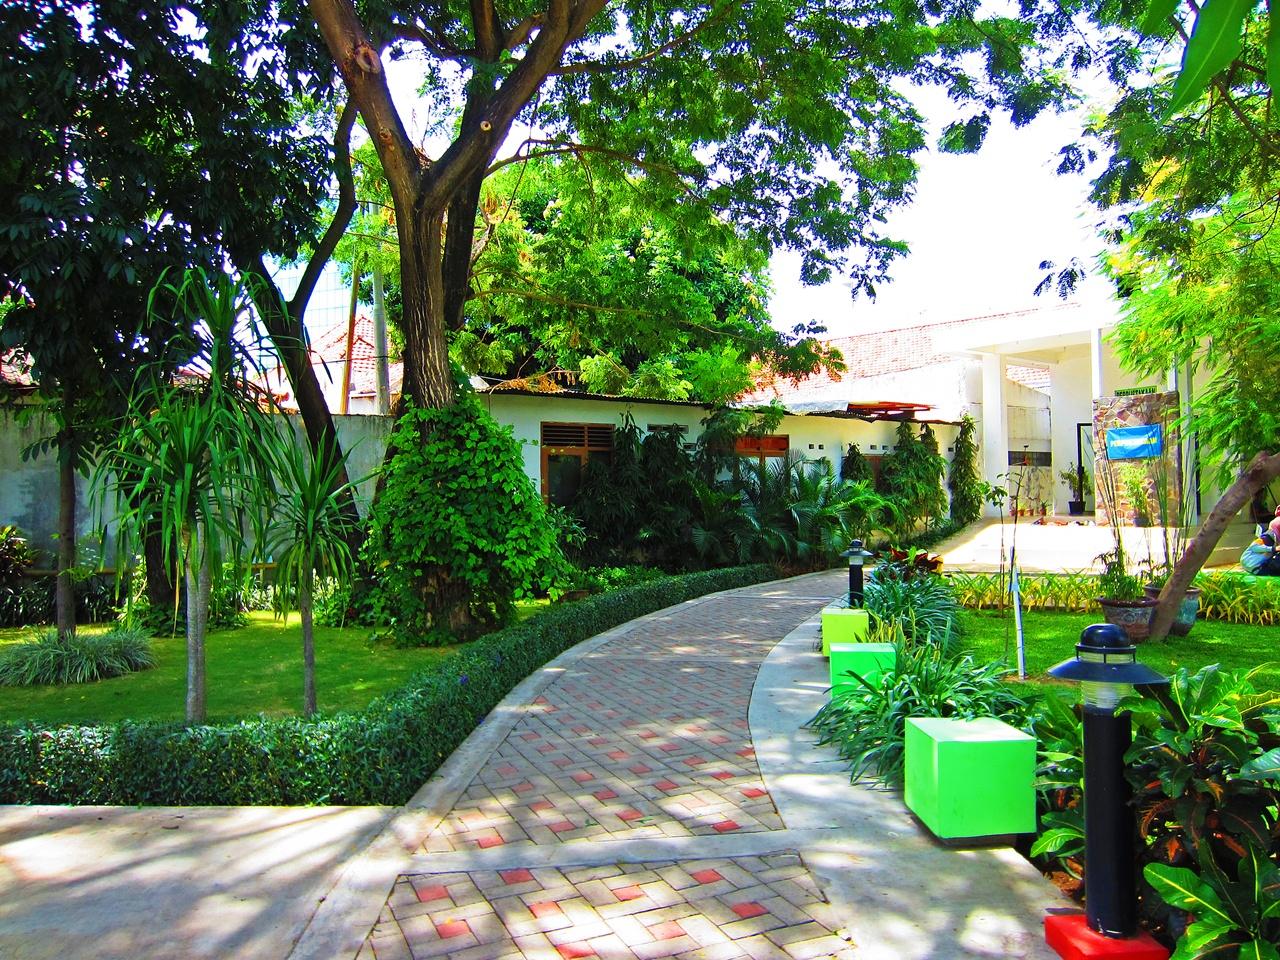 wisata taman kota surabaya taman ekspresi the world as